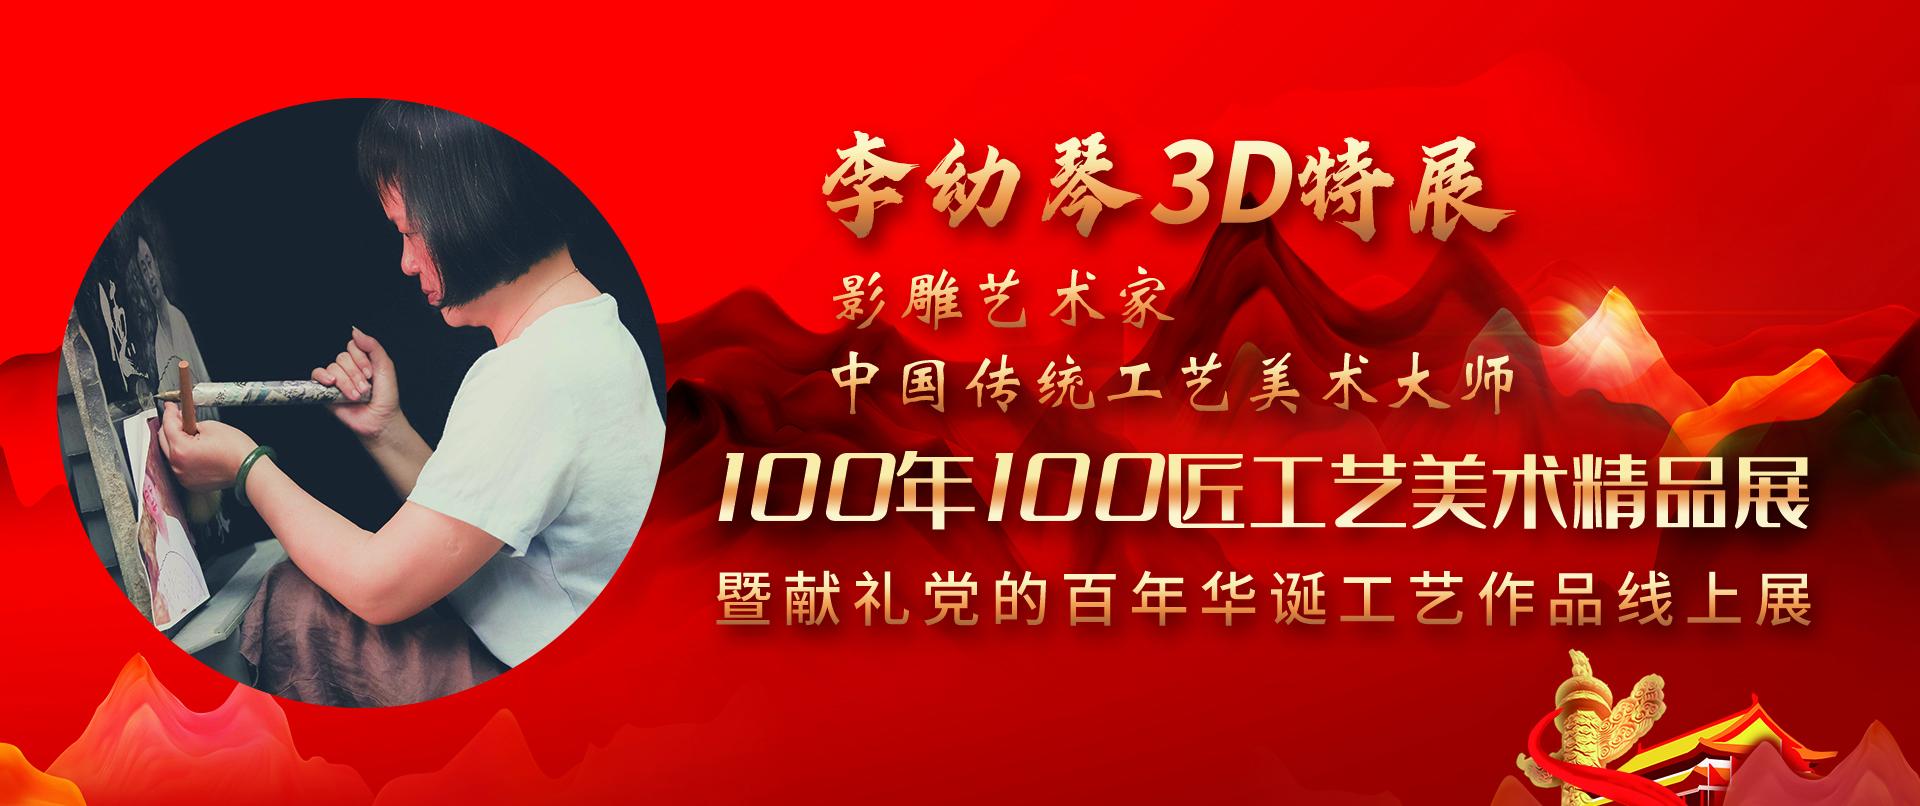 李幼琴3D特展-100年100匠工艺美术精品展